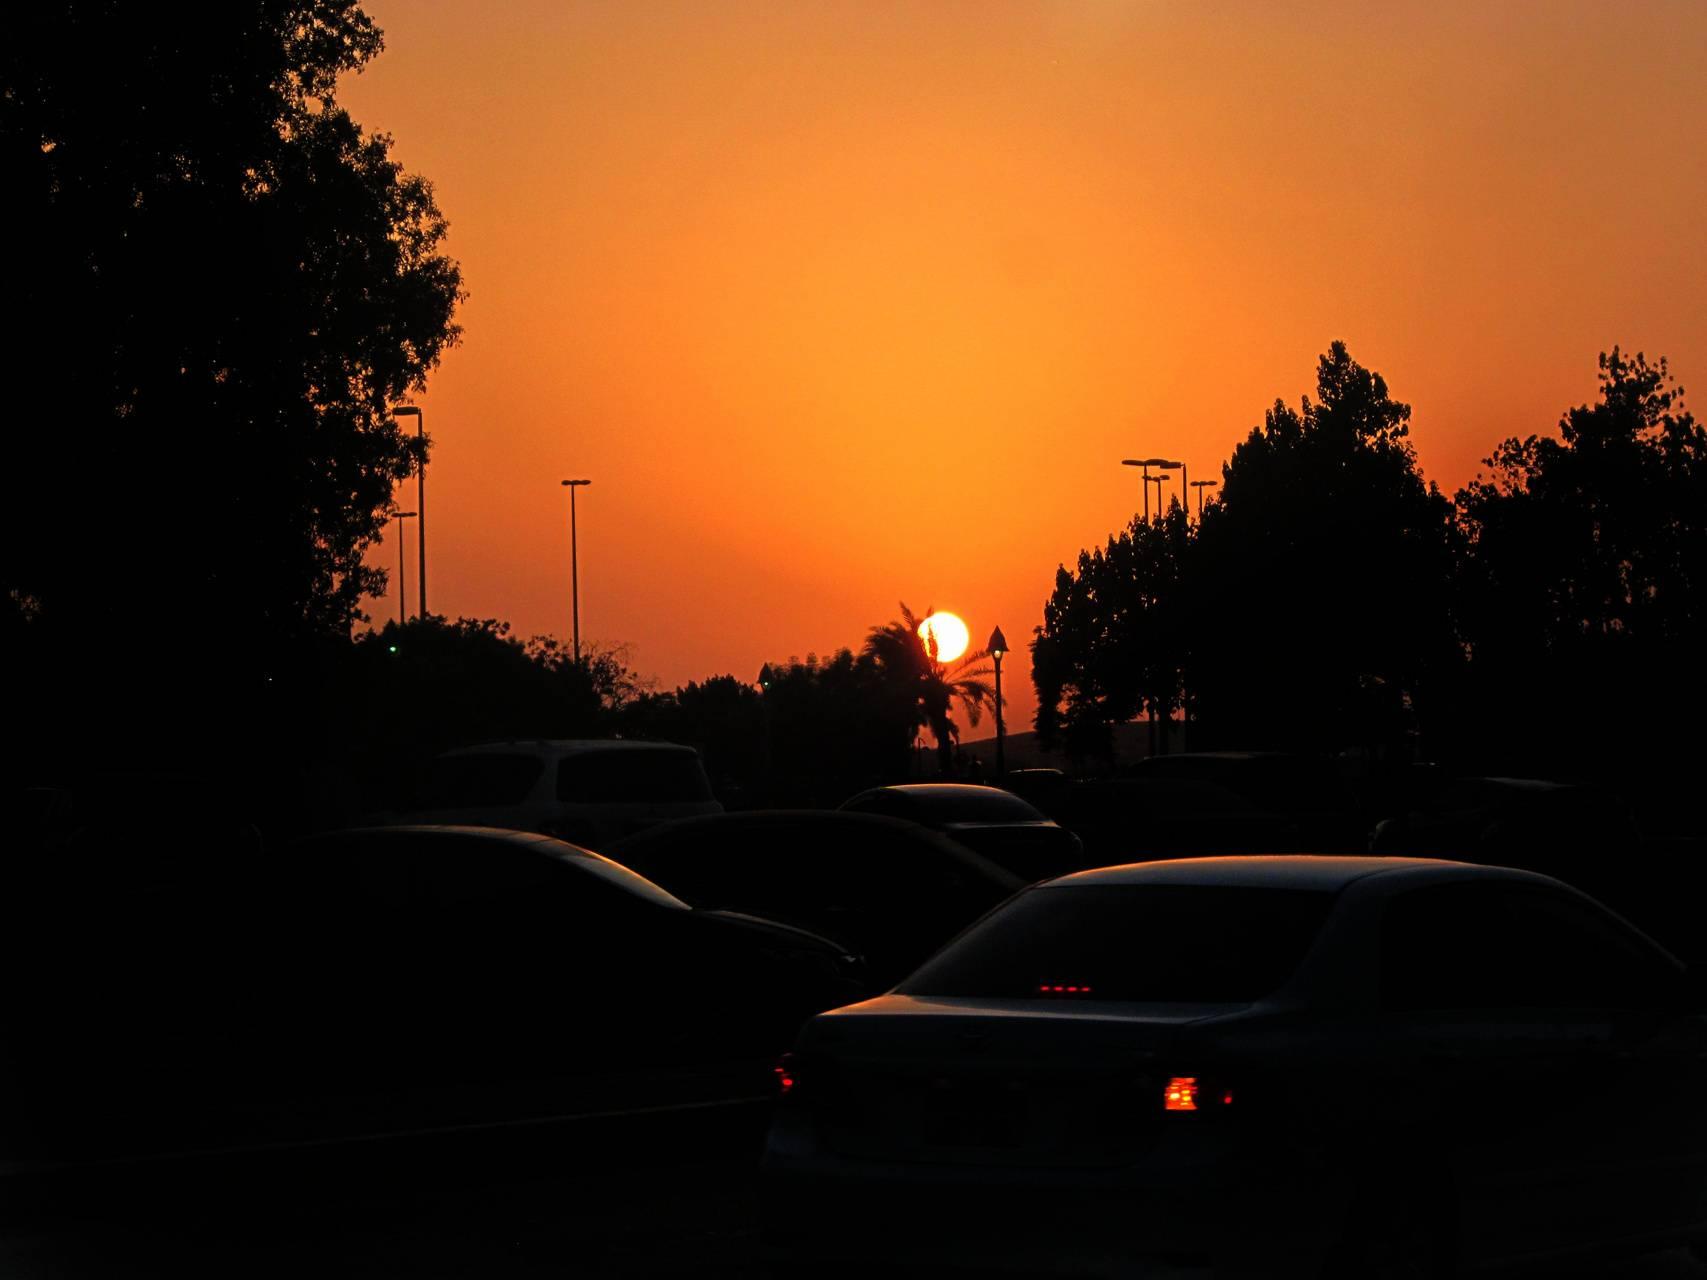 Sunset Hdr wallpaper